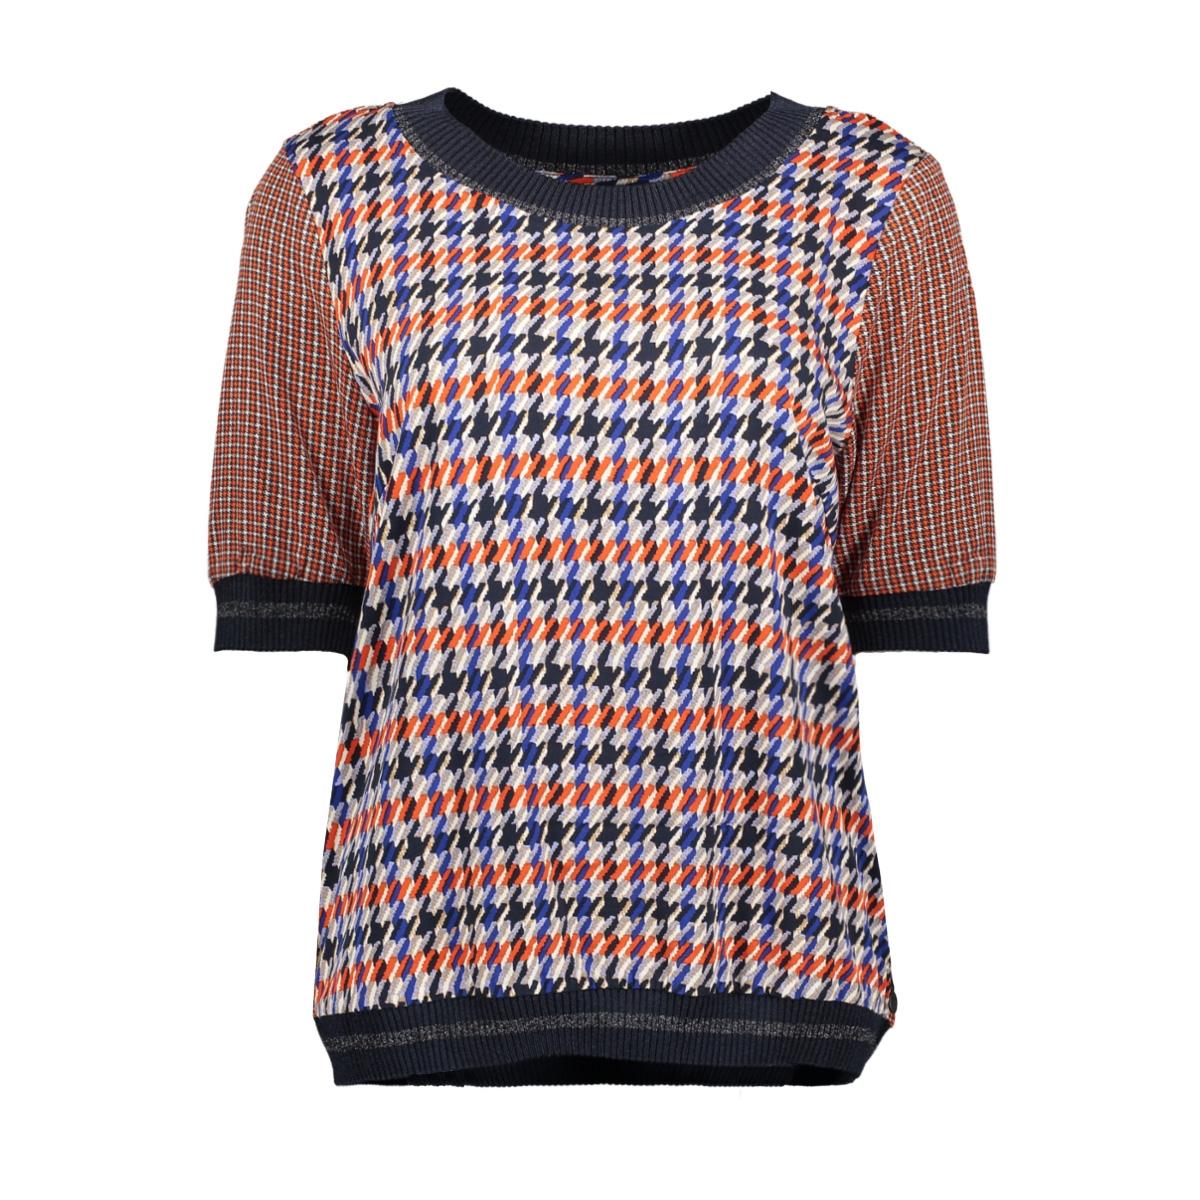 top met pied de poule patroon 22001756 sandwich blouse 40153